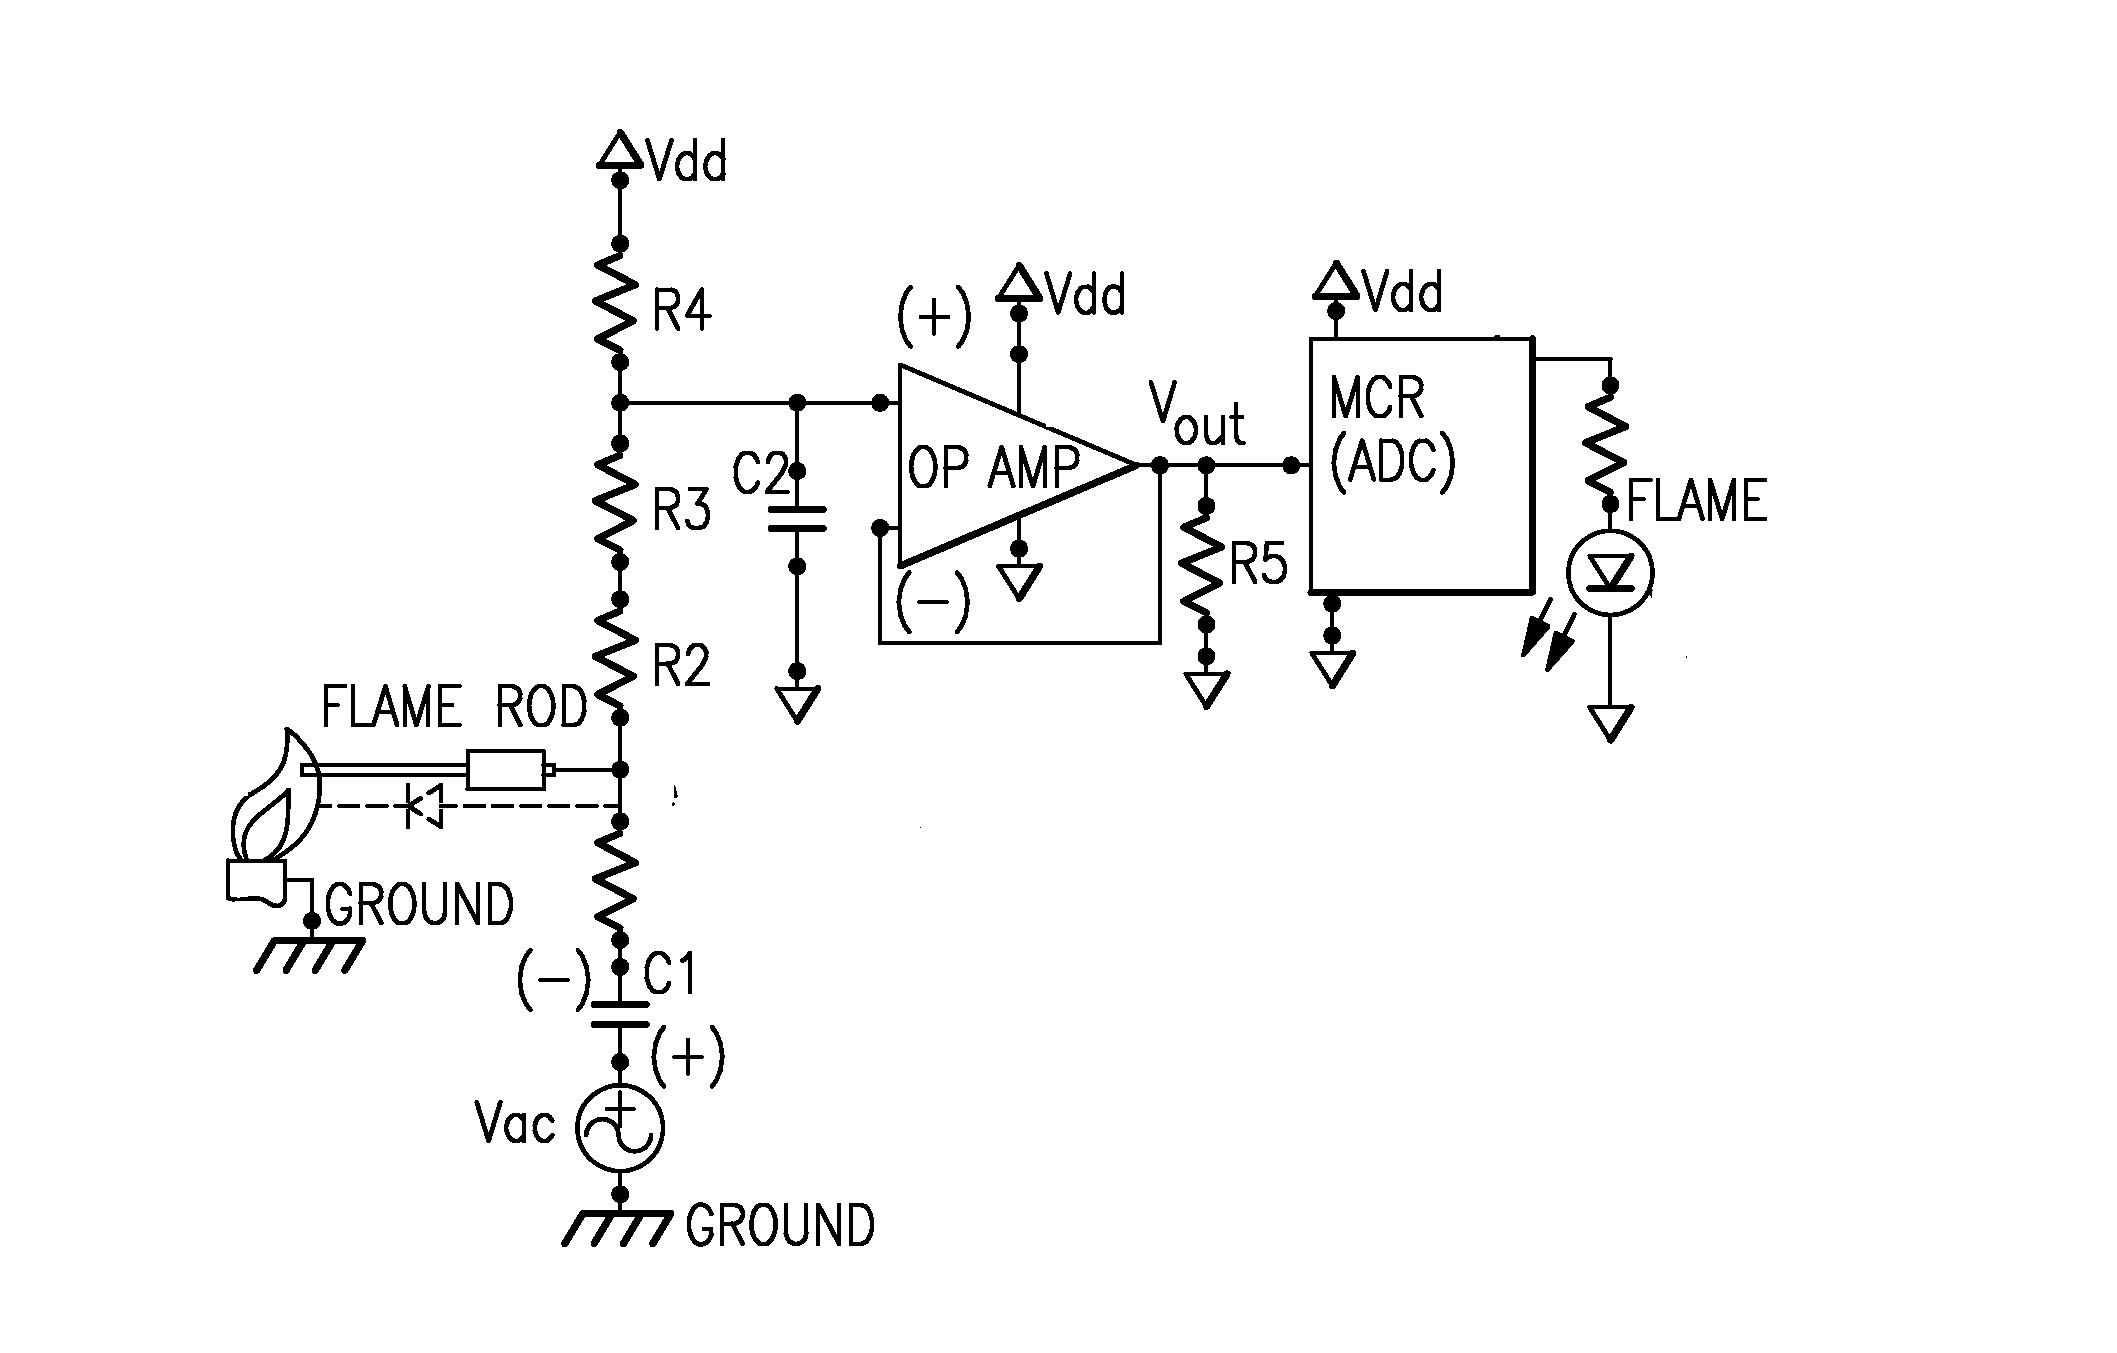 Furnace Flame Sensor Wiring Diagram : 35 Wiring Diagram